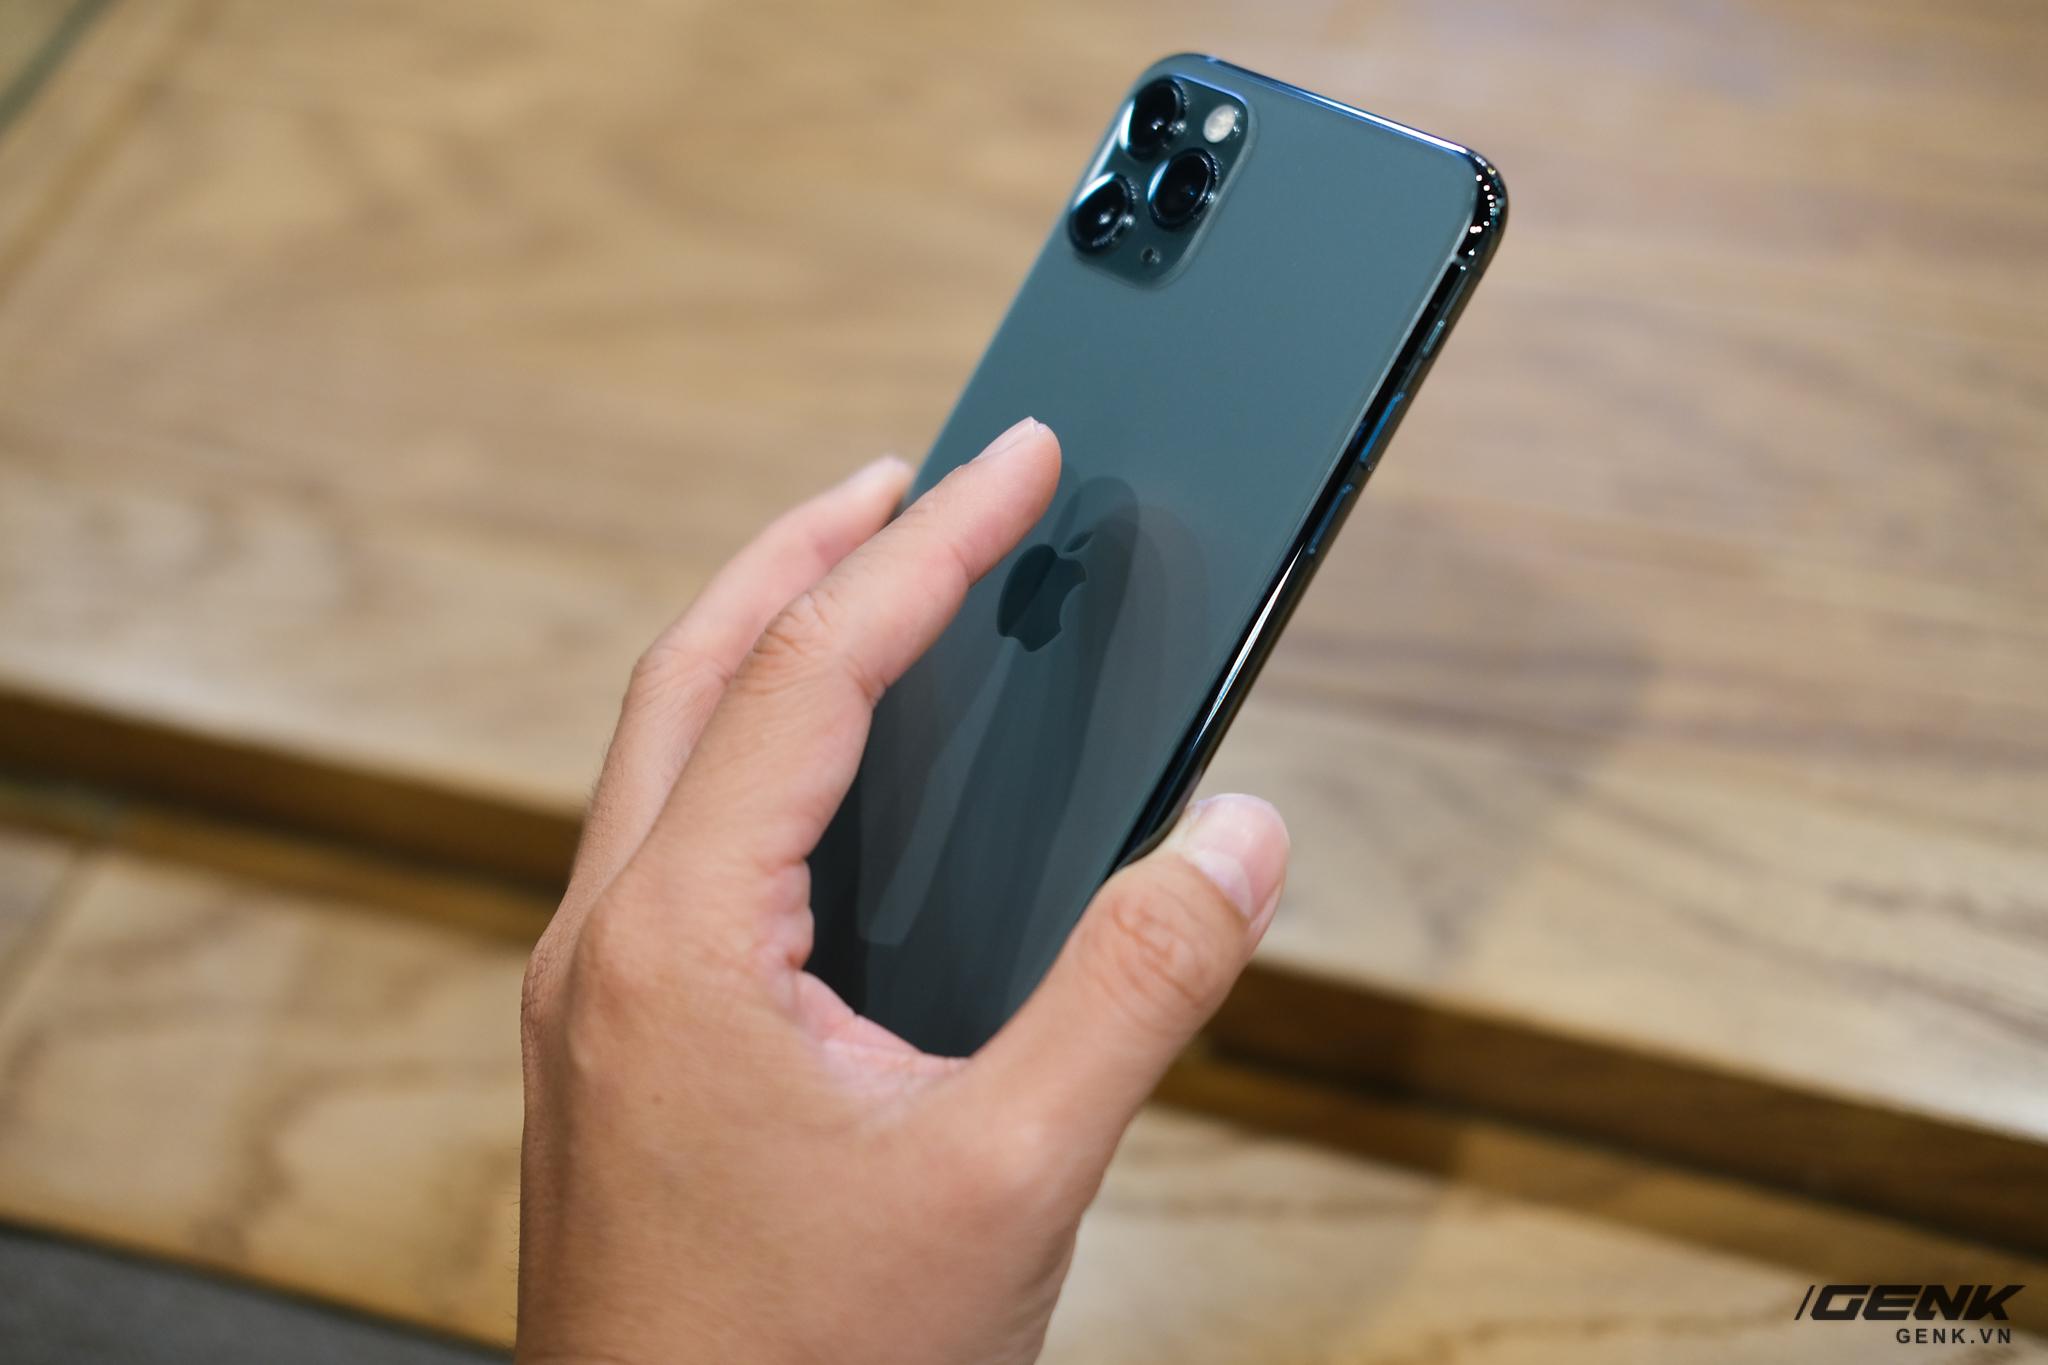 Apple âm thầm giấu phím điều khiển bí mật trên iPhone mà có thể bạn không hề biết đến - Ảnh 1.